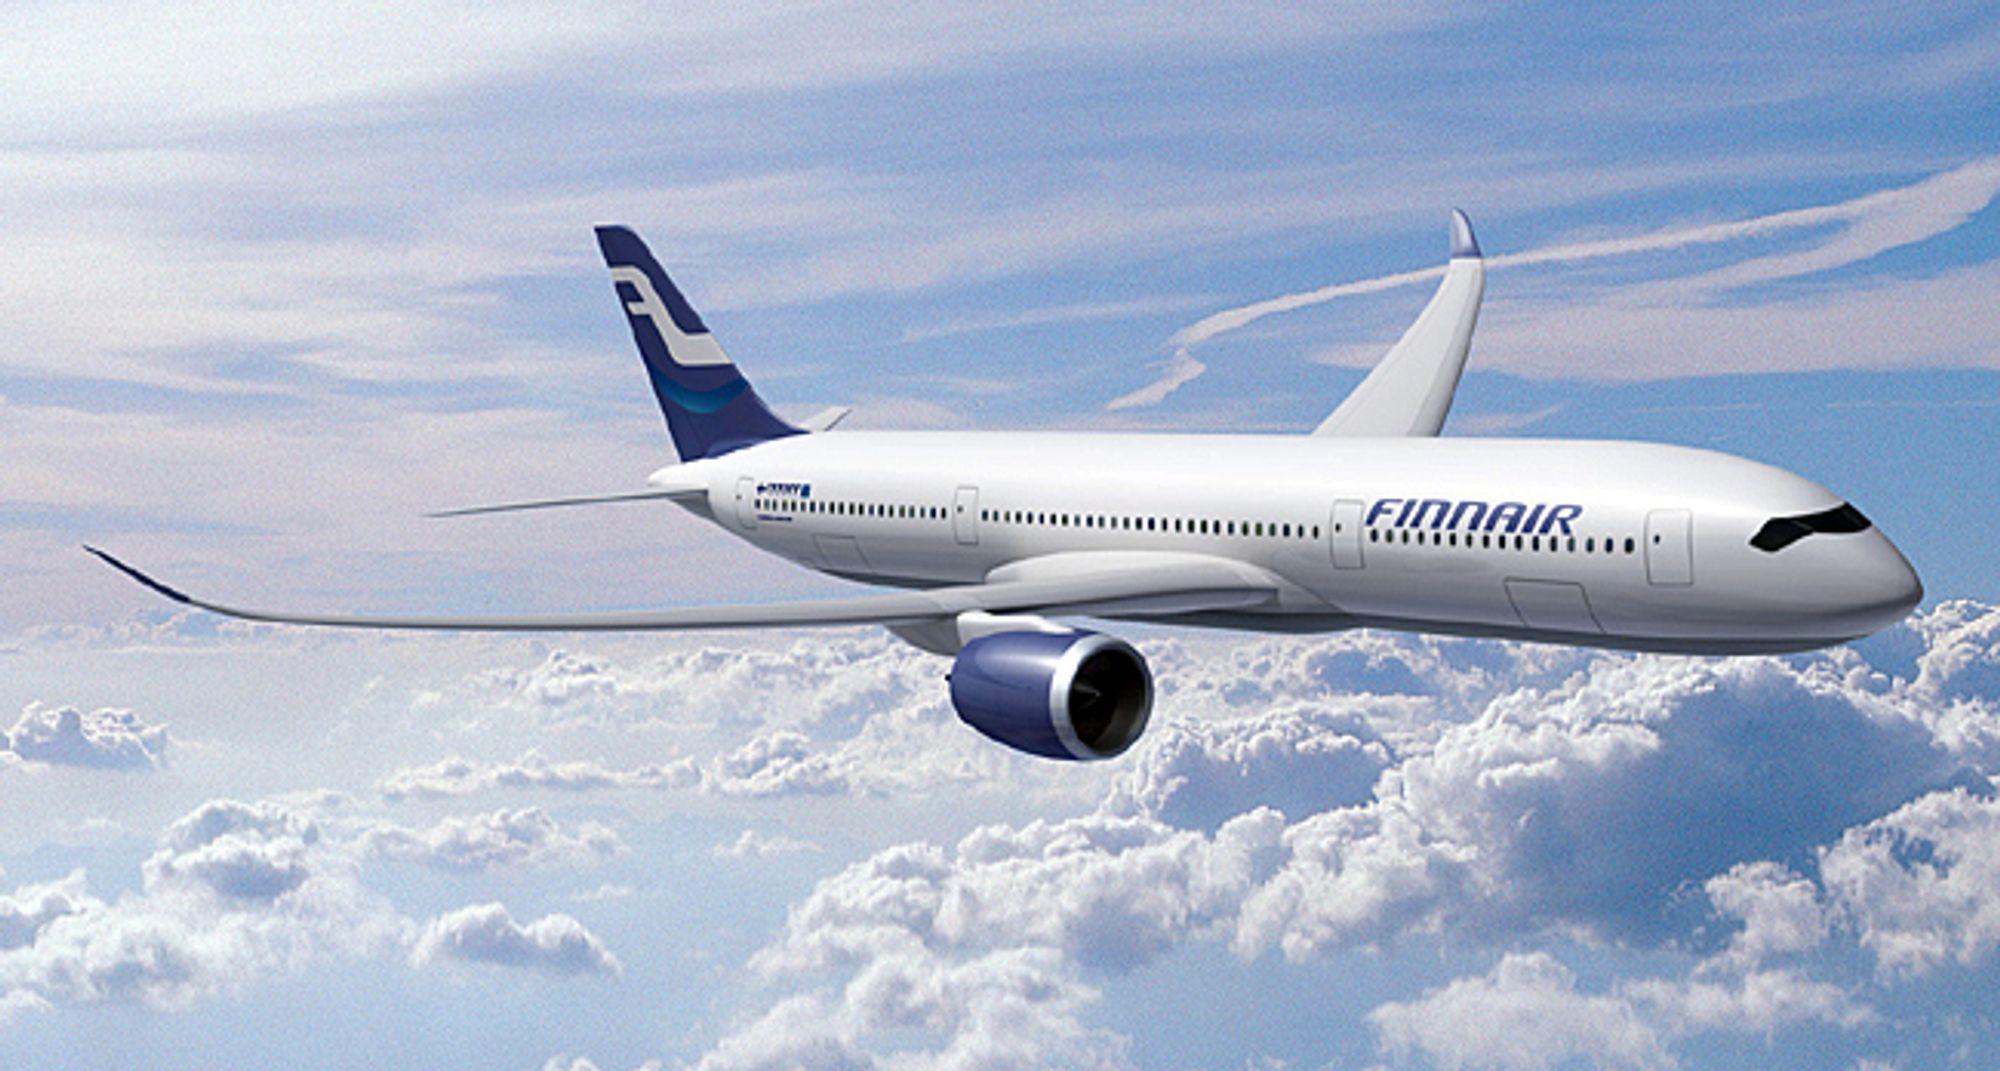 I perioden 2014 til 2017 skal Finnair få levert minst 11 slike Airbus A350 XWB.